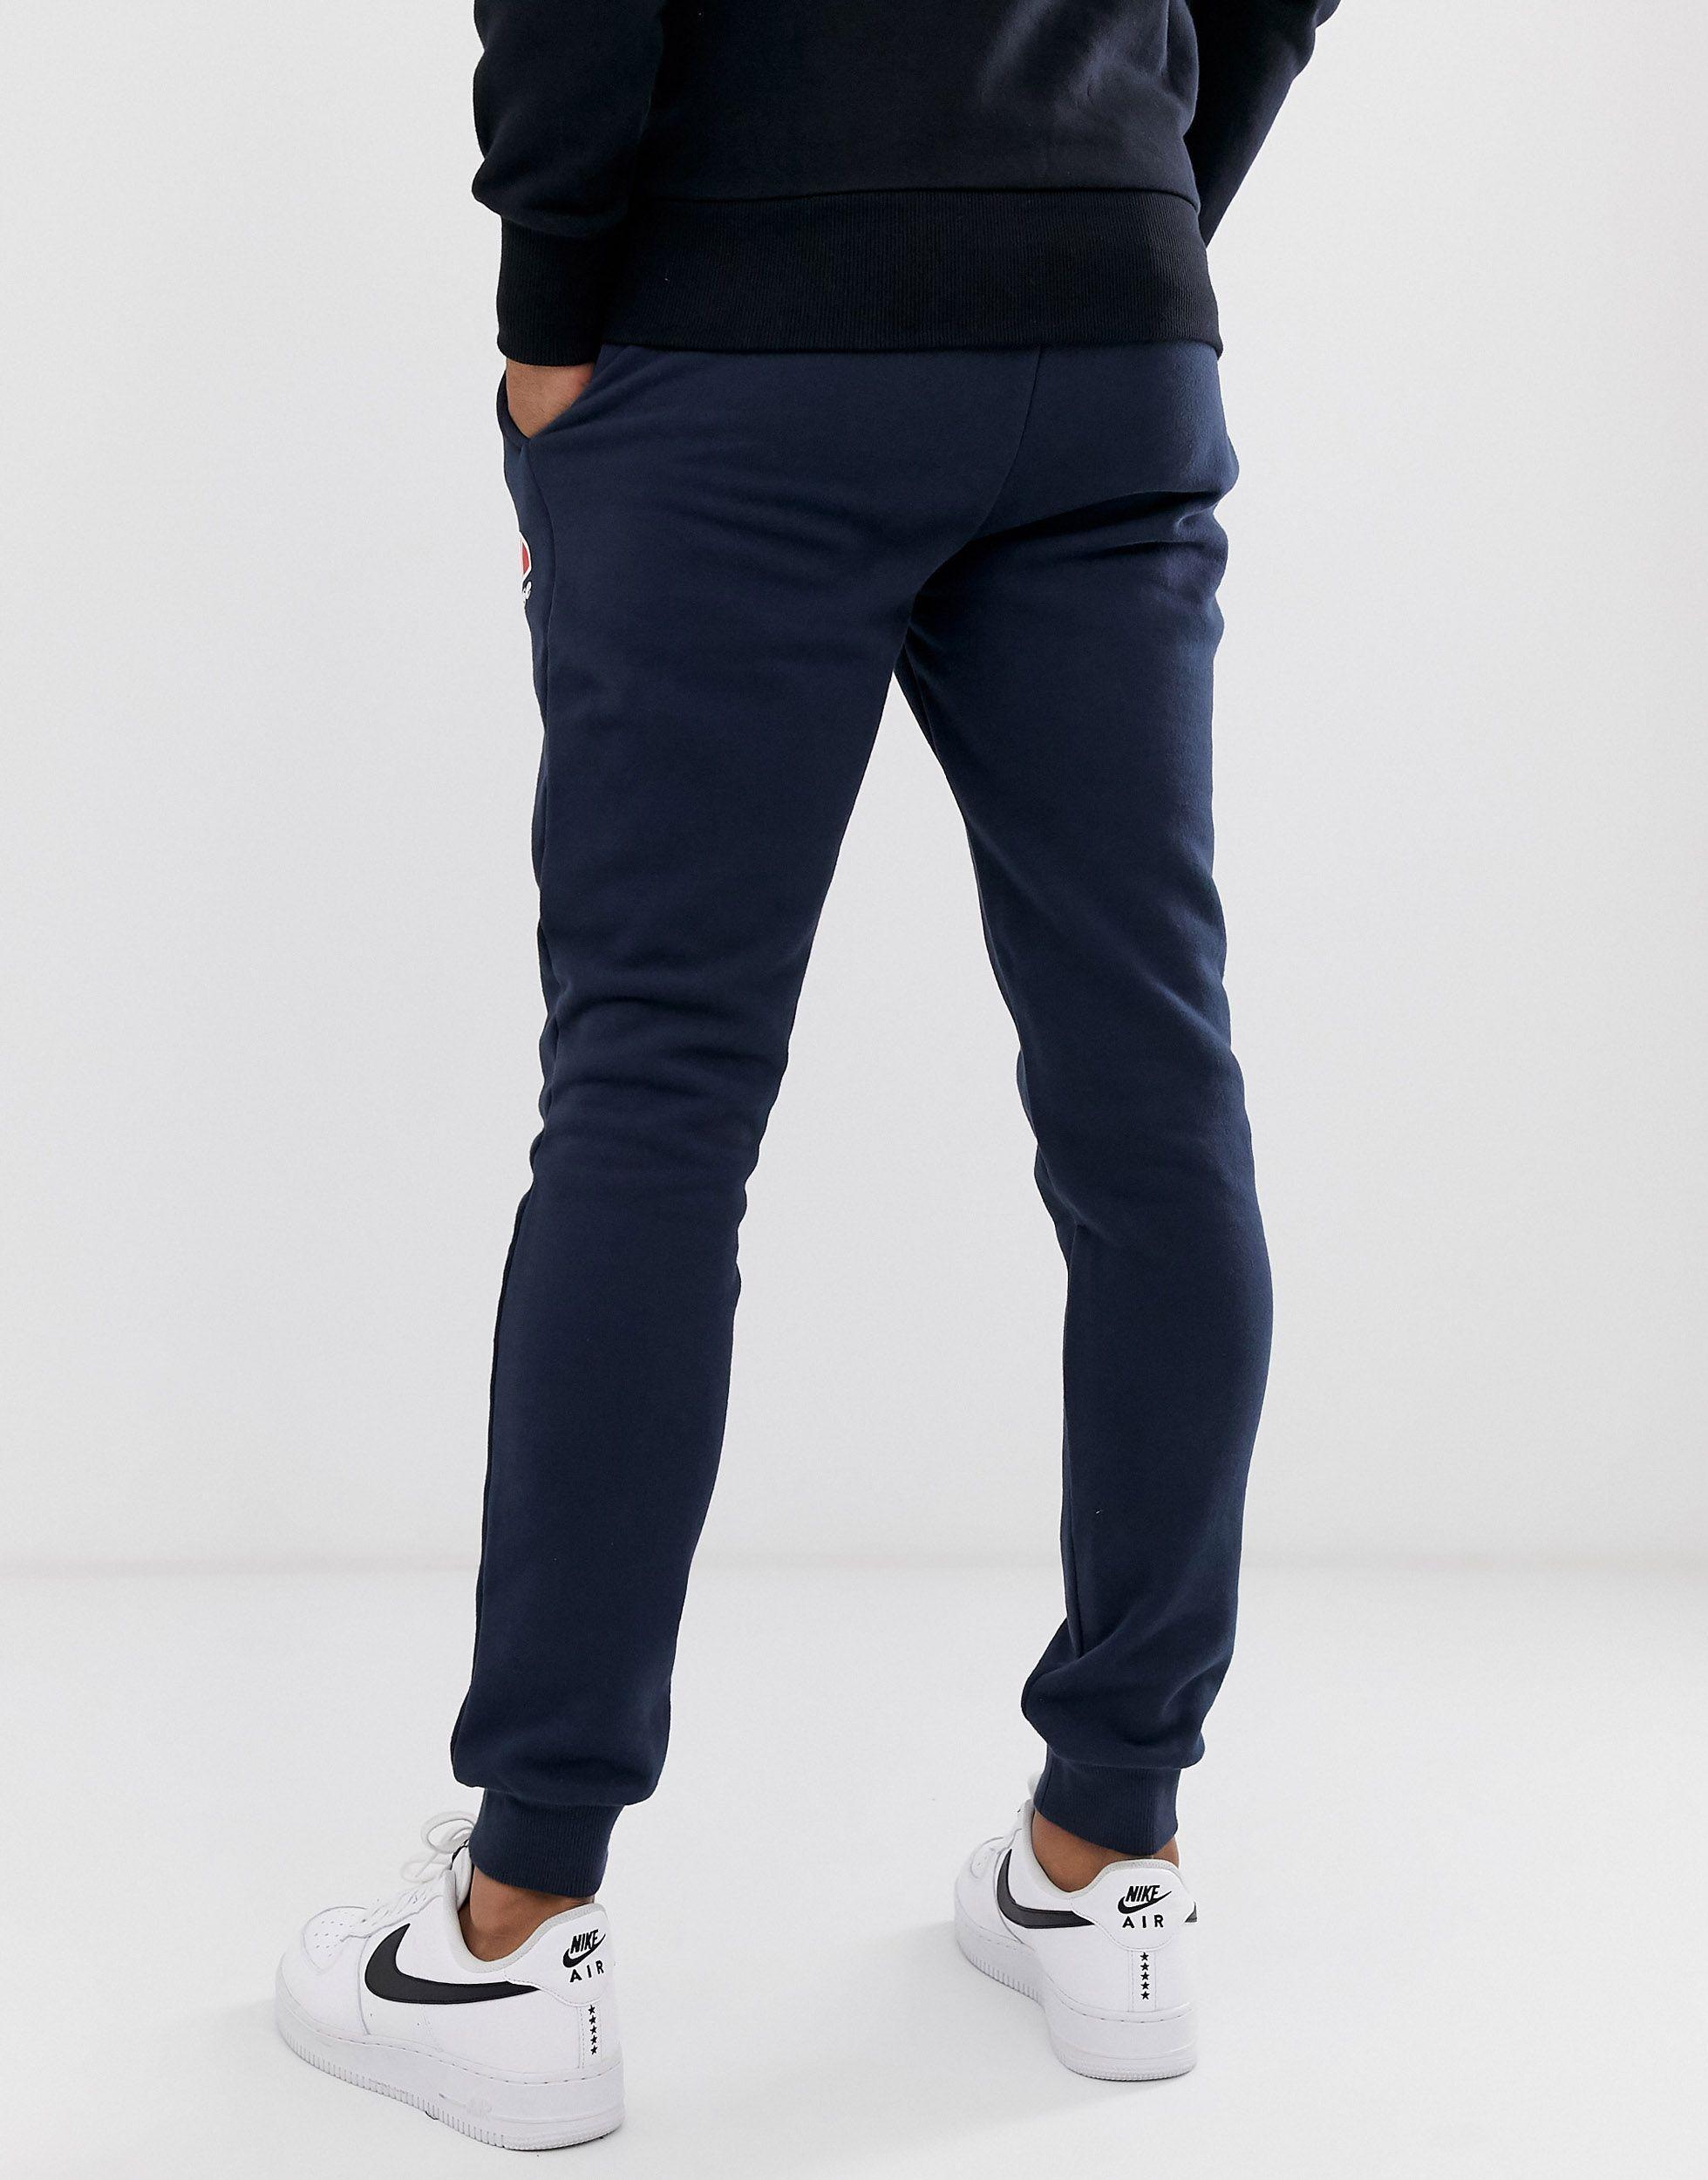 Ellesse Fleece Ovest Skinny joggers in Navy (Blue) for Men